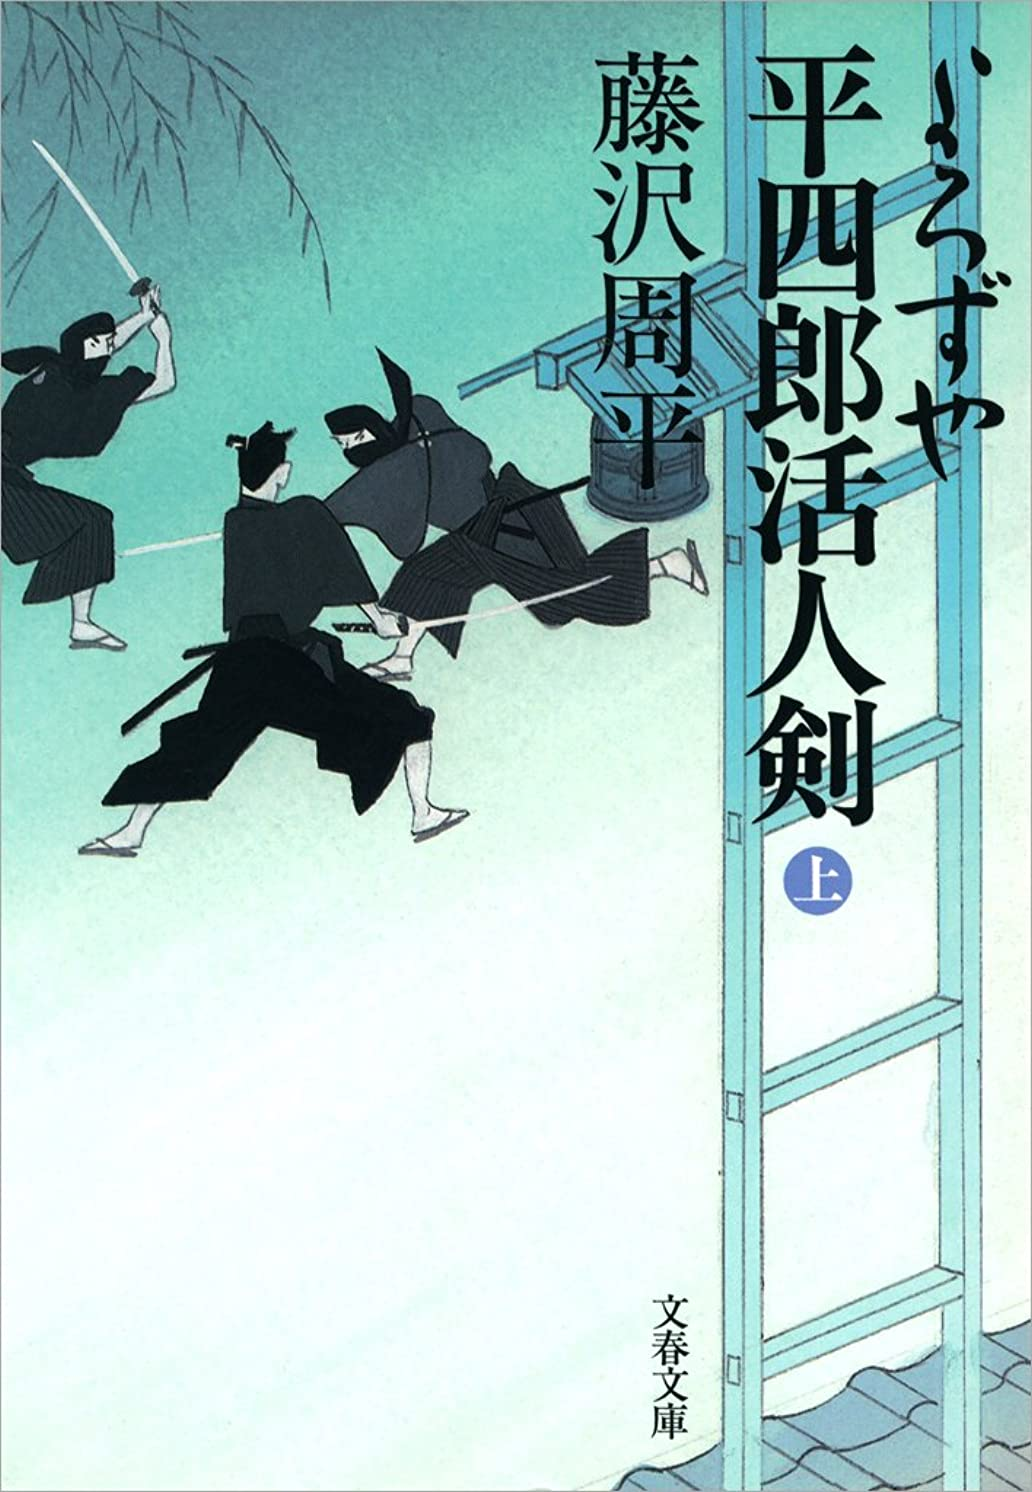 対角線きらめく髄よろずや平四郎活人剣(上)